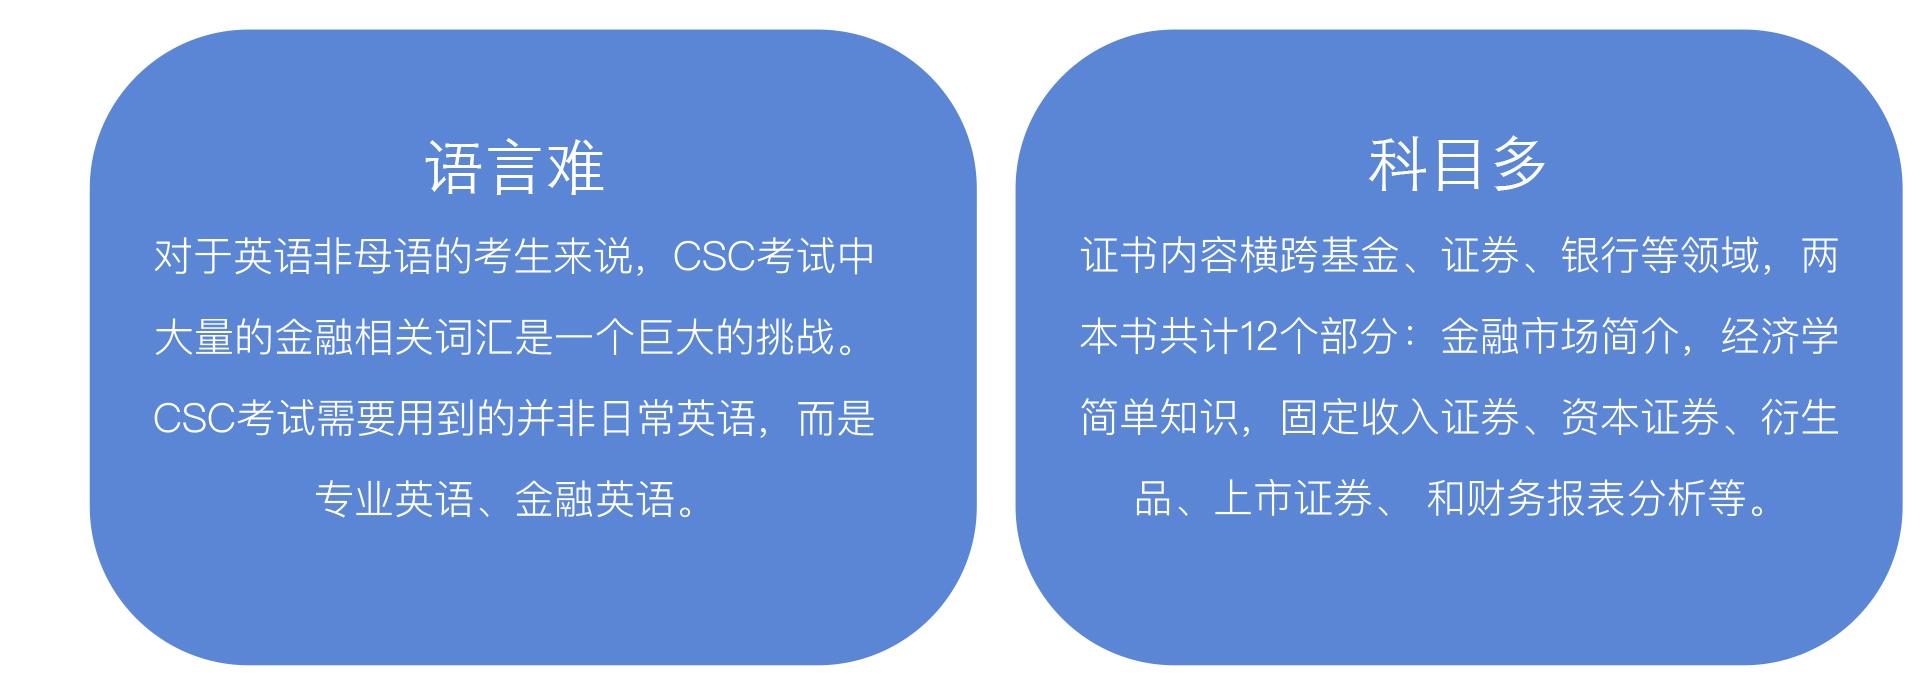 语言难 对于英语非母语的考生来说,CSC考试中大量的金融相关词汇是一个巨大的挑战。 CSC考试需要用到的并非日常英语,而是专业英语、金融英语。科目多 证书内容横跨基金、证券、银行等领域,两本书共计12个部分:金融市场简介,经济学简单知识,固定收入证券、资本证券、衍生品、上市证券、 和财务报表分析等。难记忆 CSC考试内容广泛,不仅有金融相关知识点,还有大量关于加拿大金融业历史及现状的内容,两本书一共有12个章节,需要考生花大量时间背诵记忆才能在短时间内通过两场考试。难理解 近年来考试的难度加大,灵活性增强,许多选择题目的答案模棱两可,因此需要考生对整个课程的知识体系和内容有全面的理解。 CSC考试重在理解,一旦有任何不清楚的地方需要及时解决,才能顺利通过CSC考试。